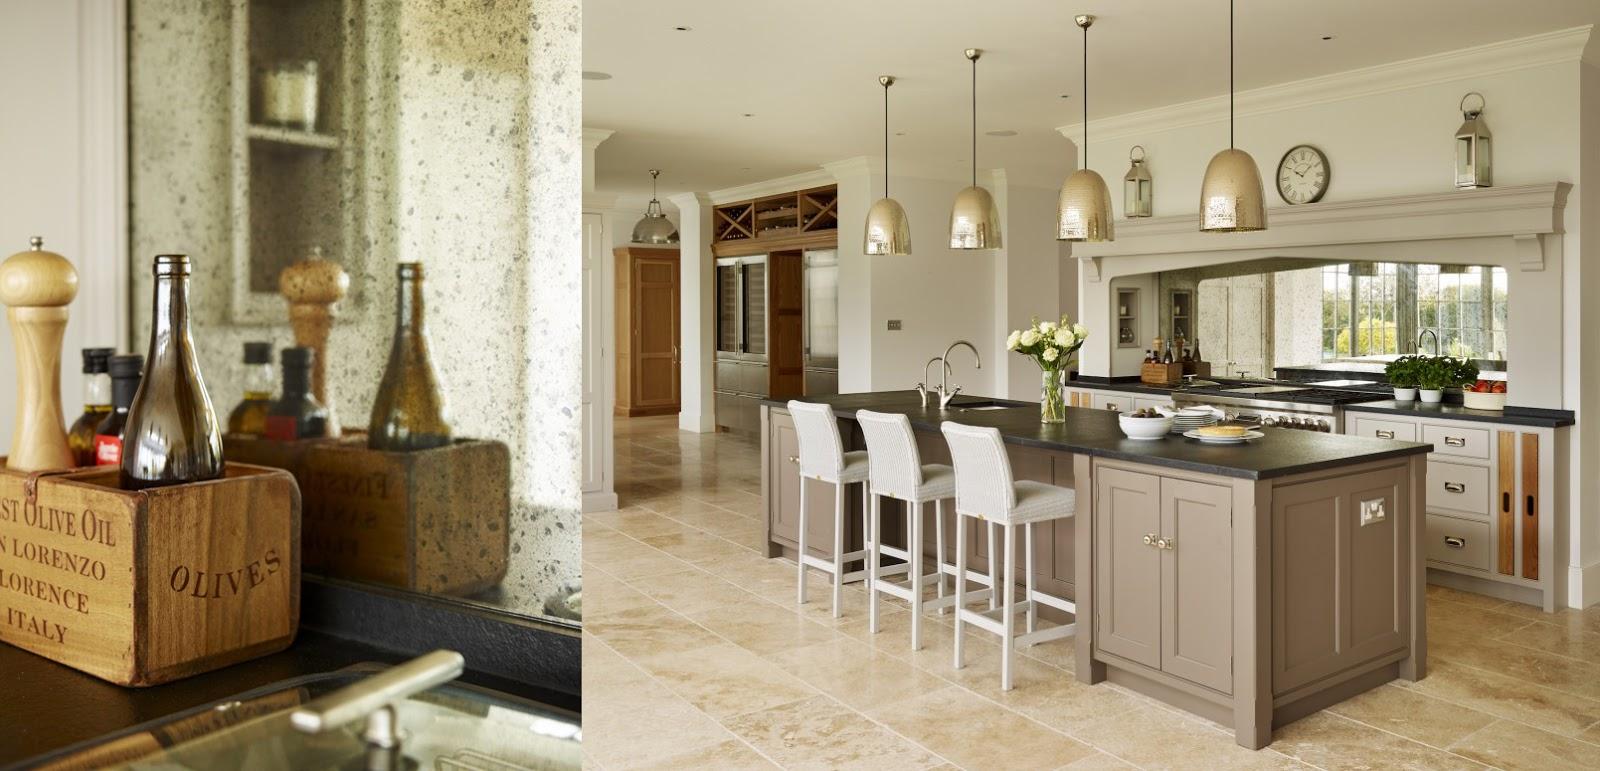 Uno specchio in cucina shabby chic interiors for Arredamento inglese